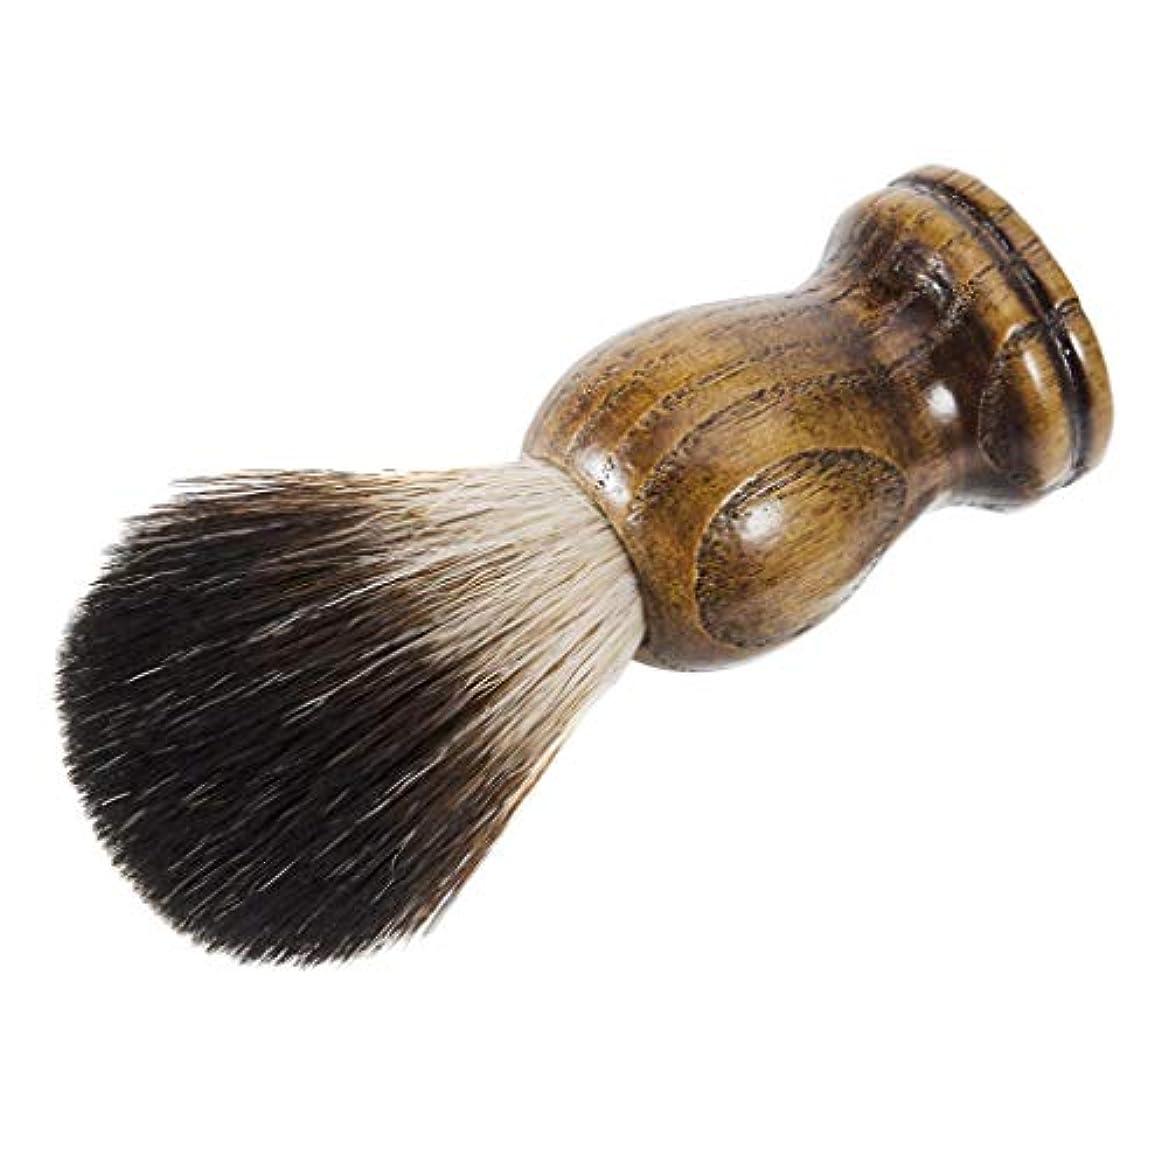 キャロライン険しいアルカイック男性用 ひげブラシ シェービング ブラシ 理容 洗顔 髭剃り 泡立ち ギフト